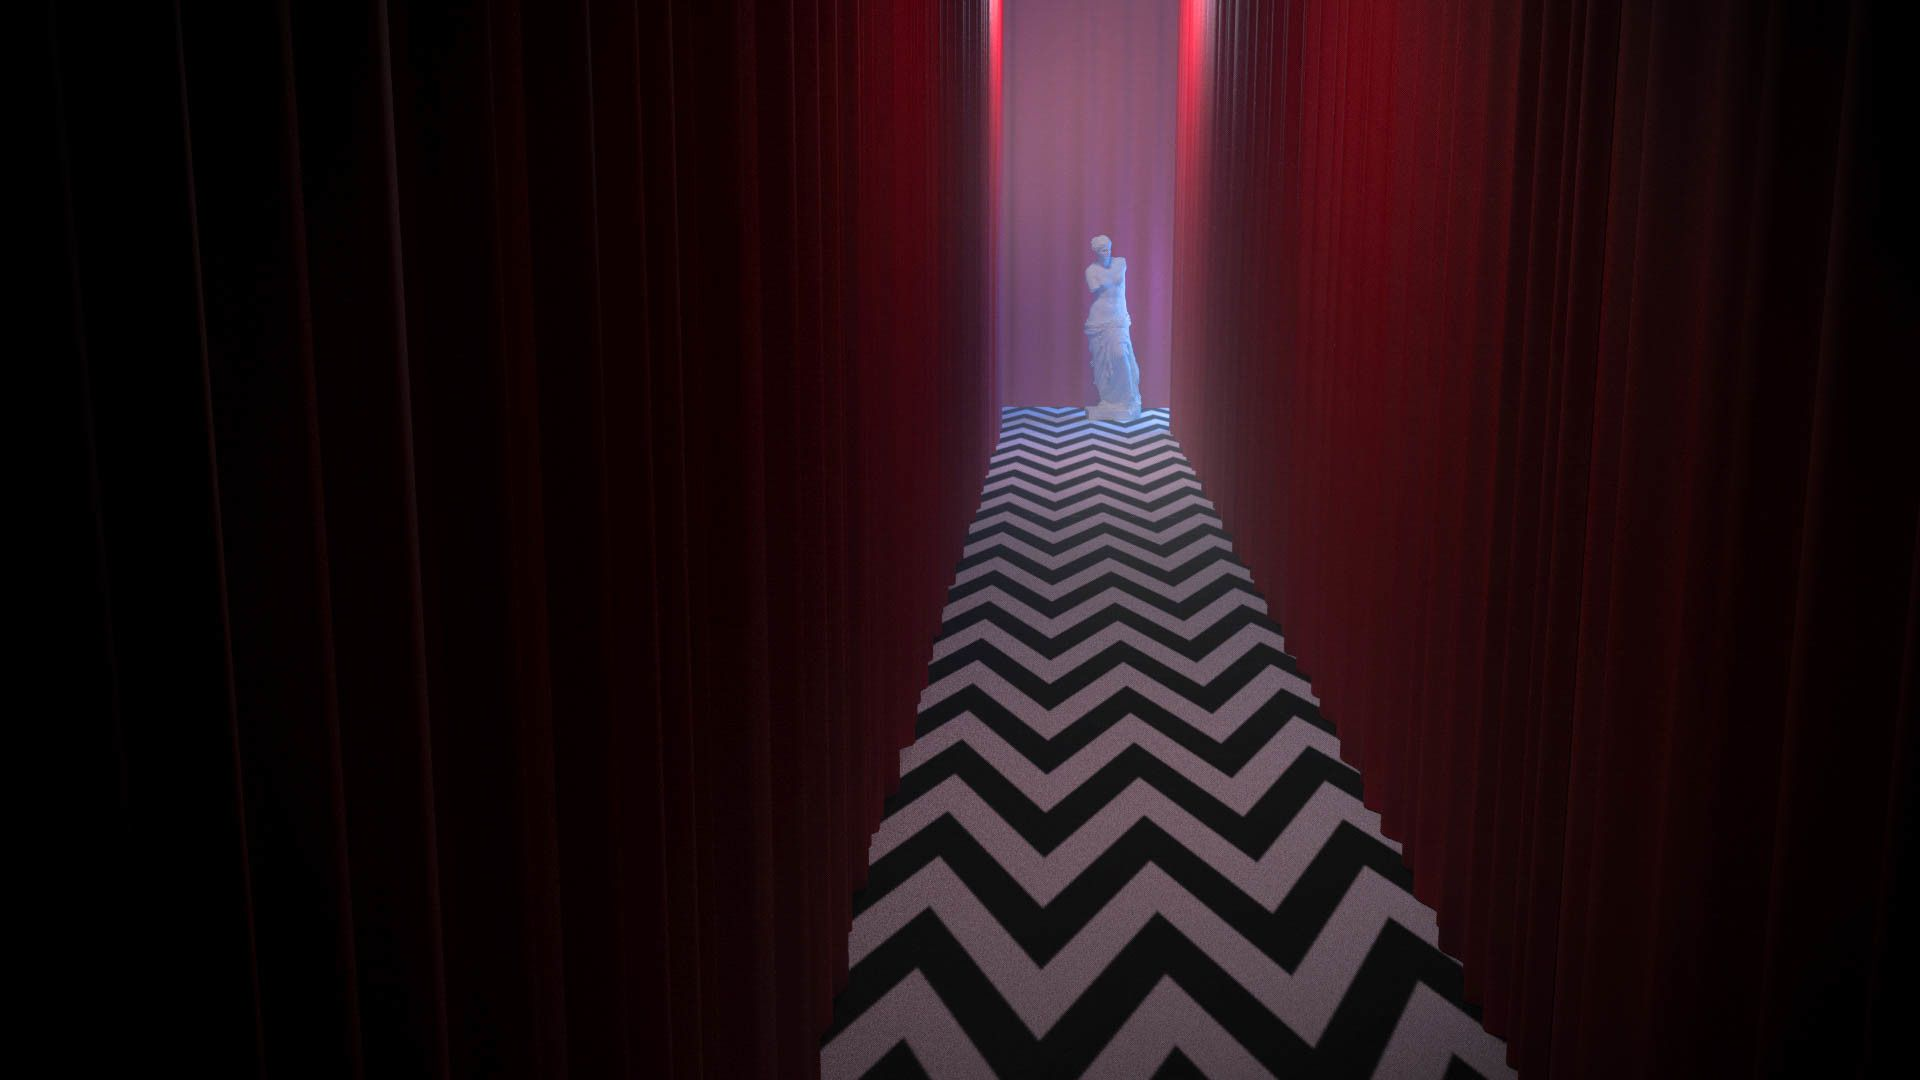 Twin Peaks vertical wallpaper hd